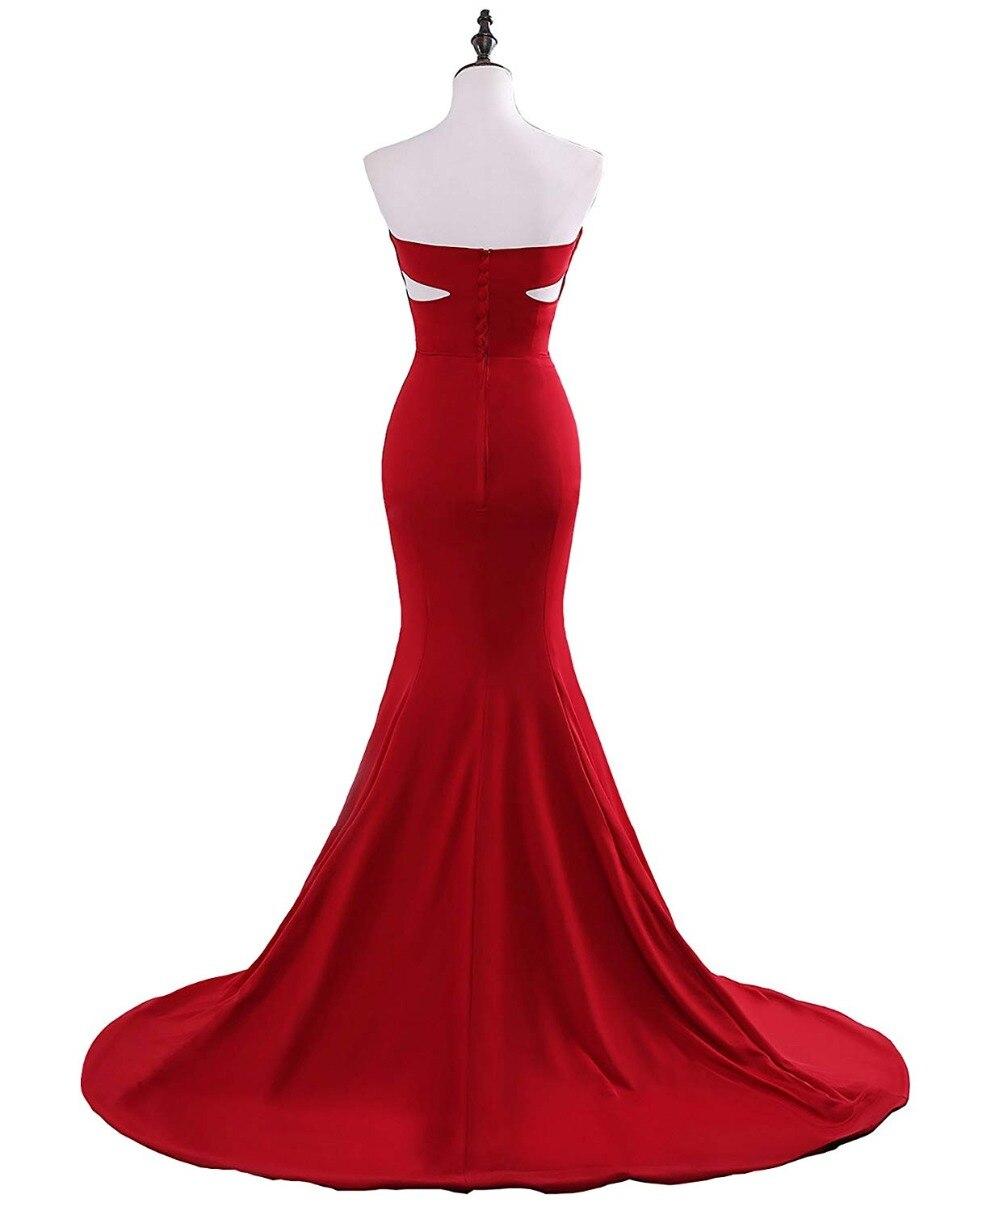 JaneVini Árabe Sereia Vermelho Vestido de Festa 2018 Querida Longo Cortar Vestidos de Dama de honra Sexy Dubai Ladies Botão Vestido Formal - 4